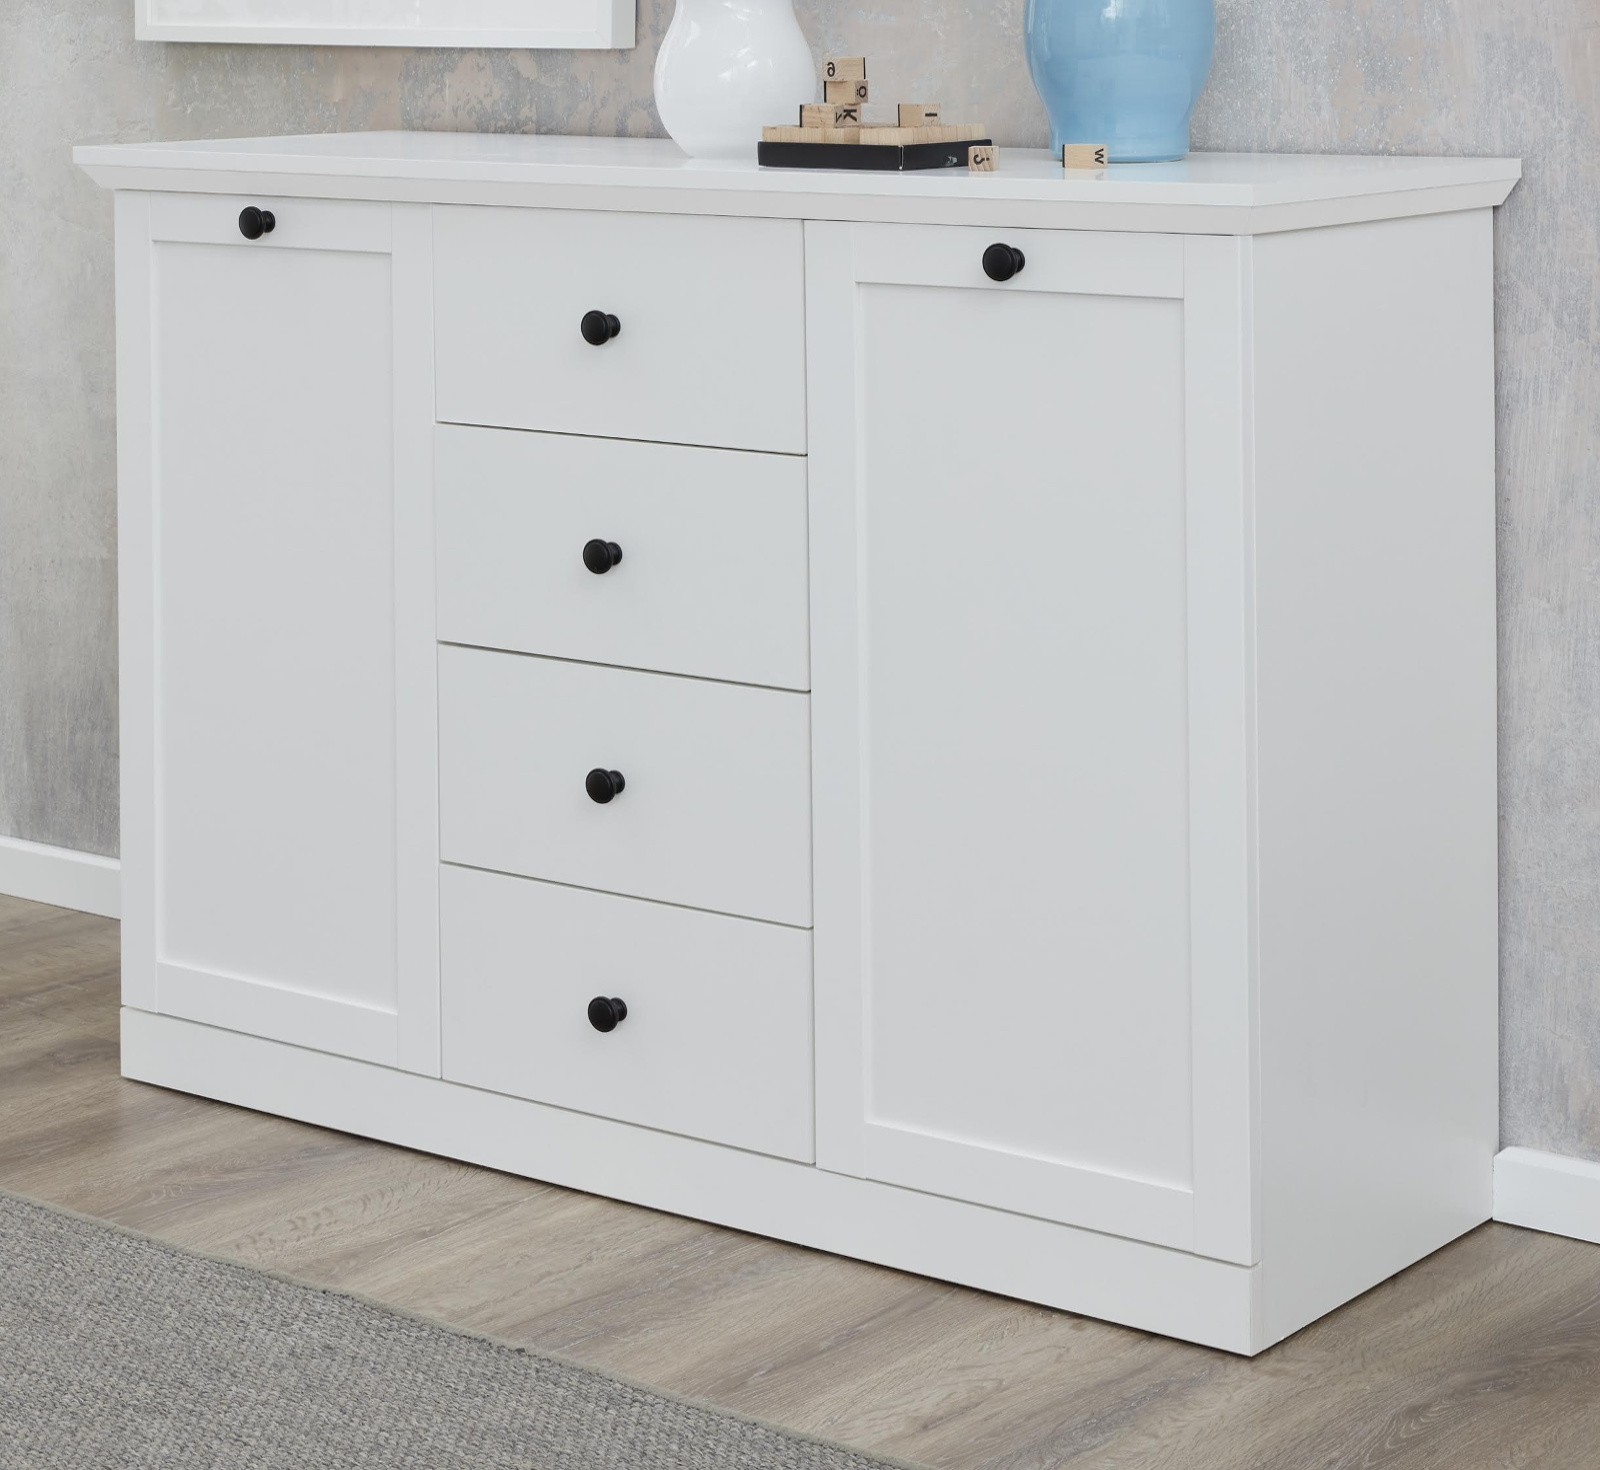 g nstige m bel online kaufen bei gmo im onlineshop. Black Bedroom Furniture Sets. Home Design Ideas